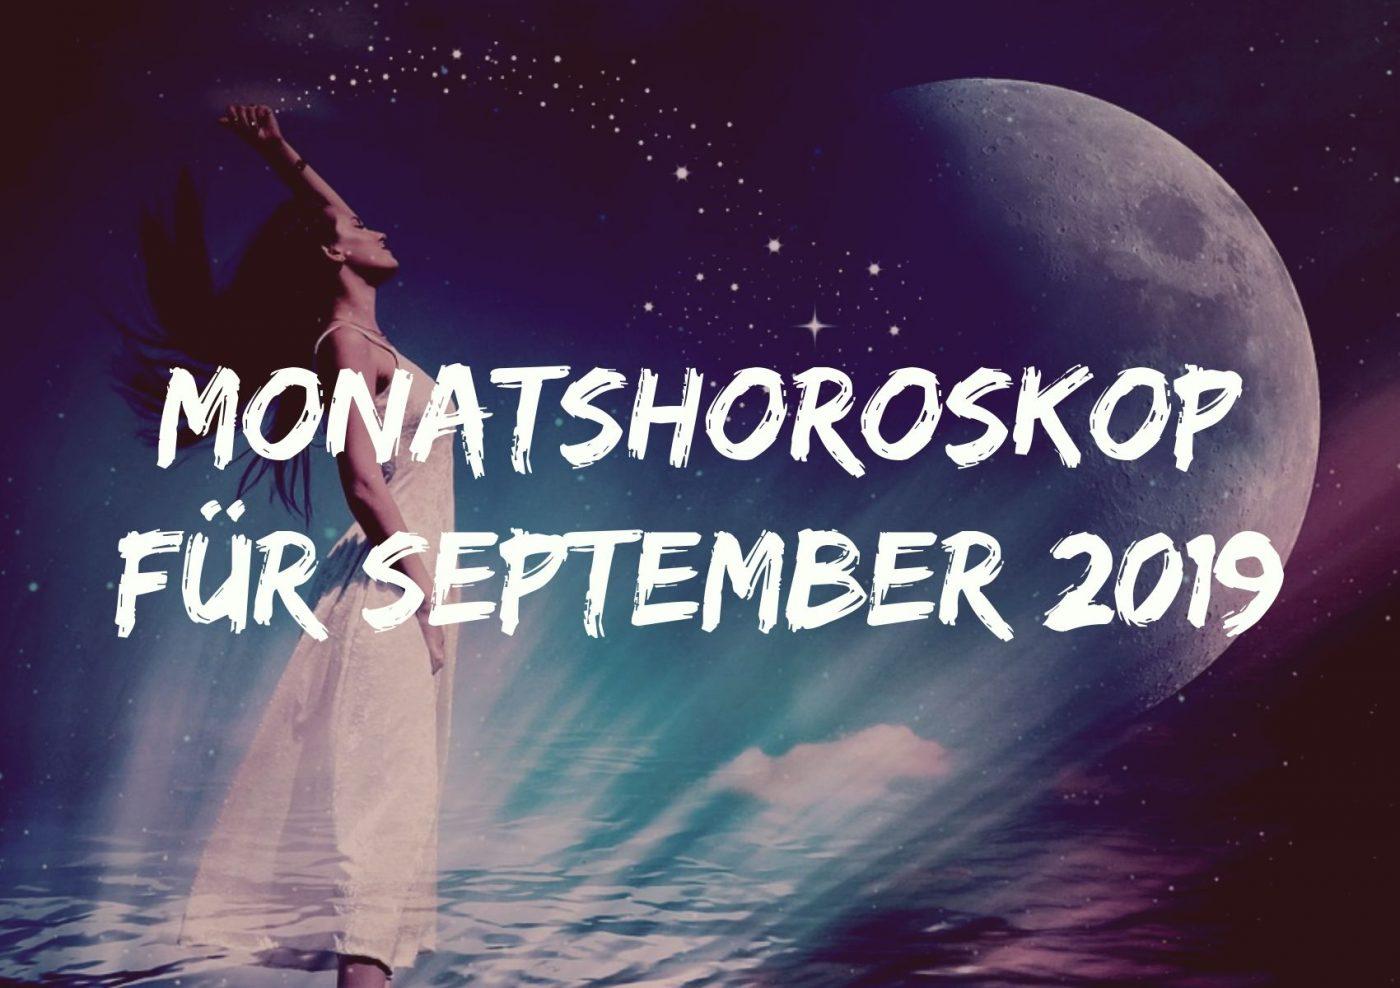 Monats Horoskop